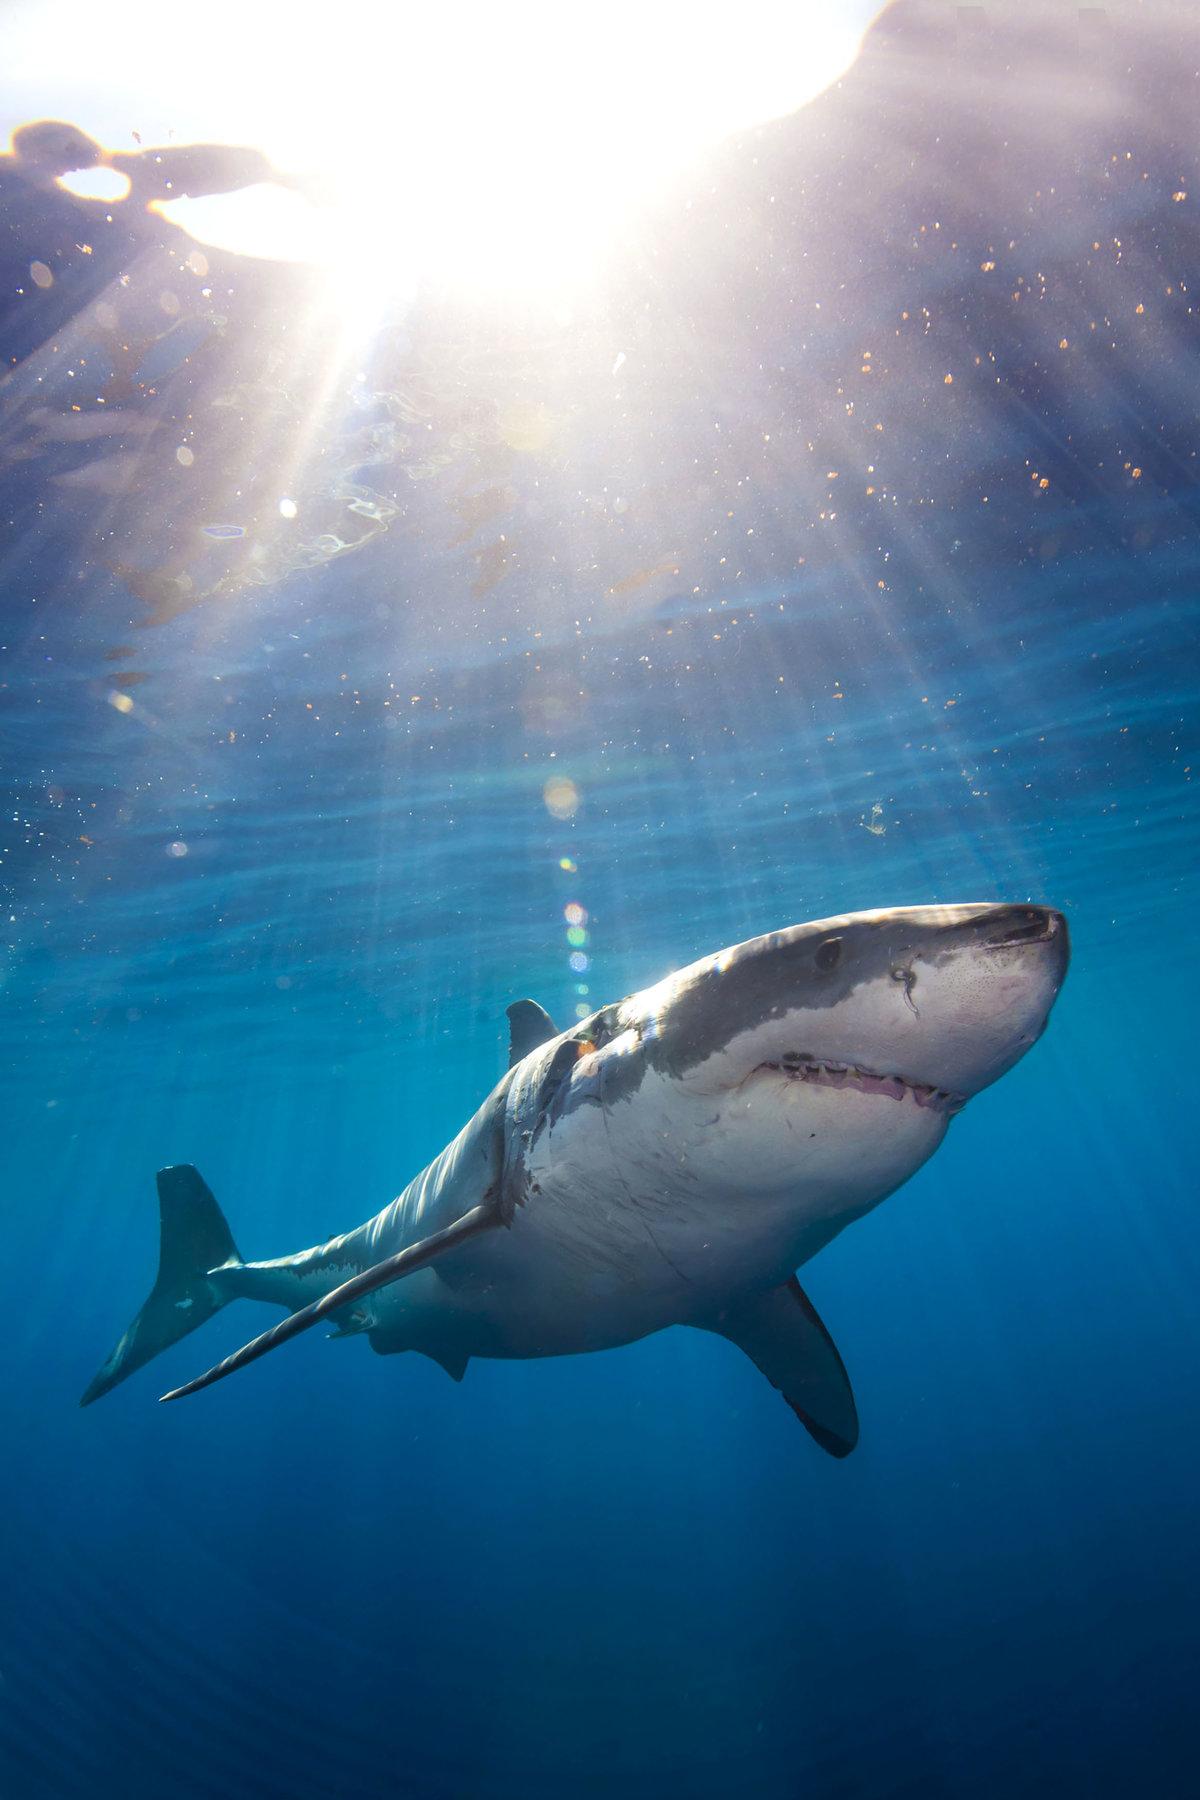 привлек картинки красивых белых акул картах дает